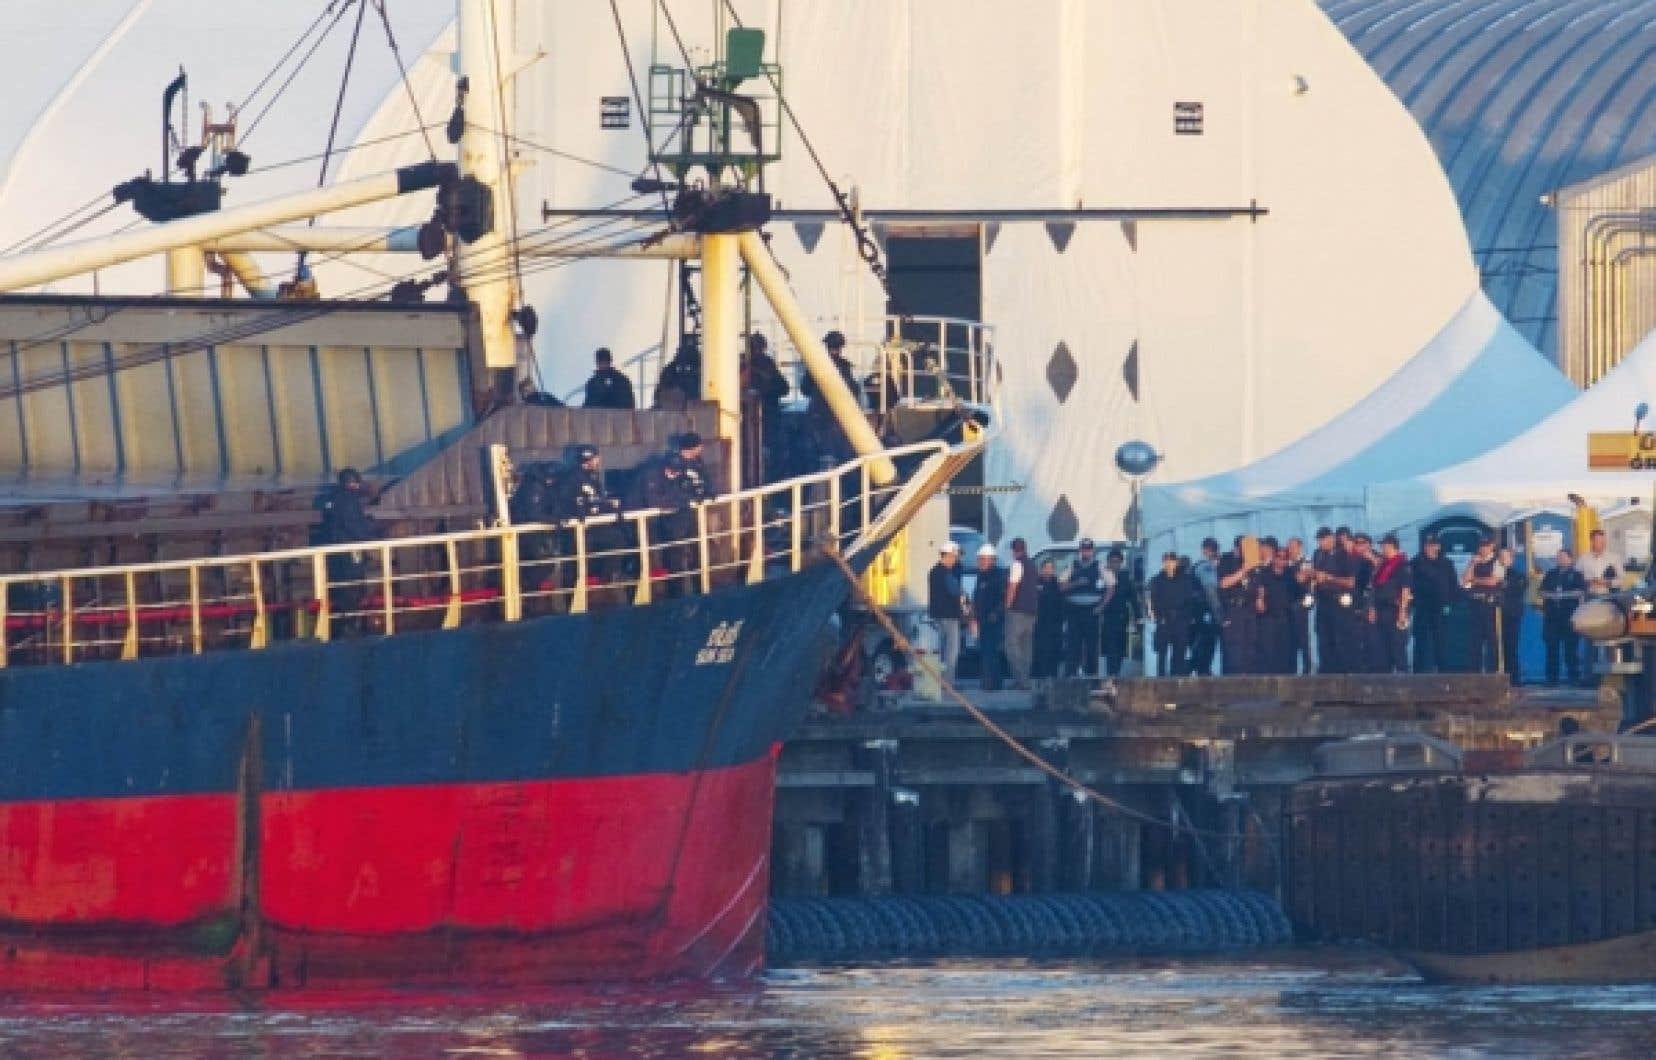 La lettre des Tamouls du MV Sun Sea n'a pas convaincu le ministre fédéral de la sécurité publique, Vic Toews, qui estime que ce voyage risqué depuis le Sri Lanka est probablement l'affaire d'une organisation criminelle.